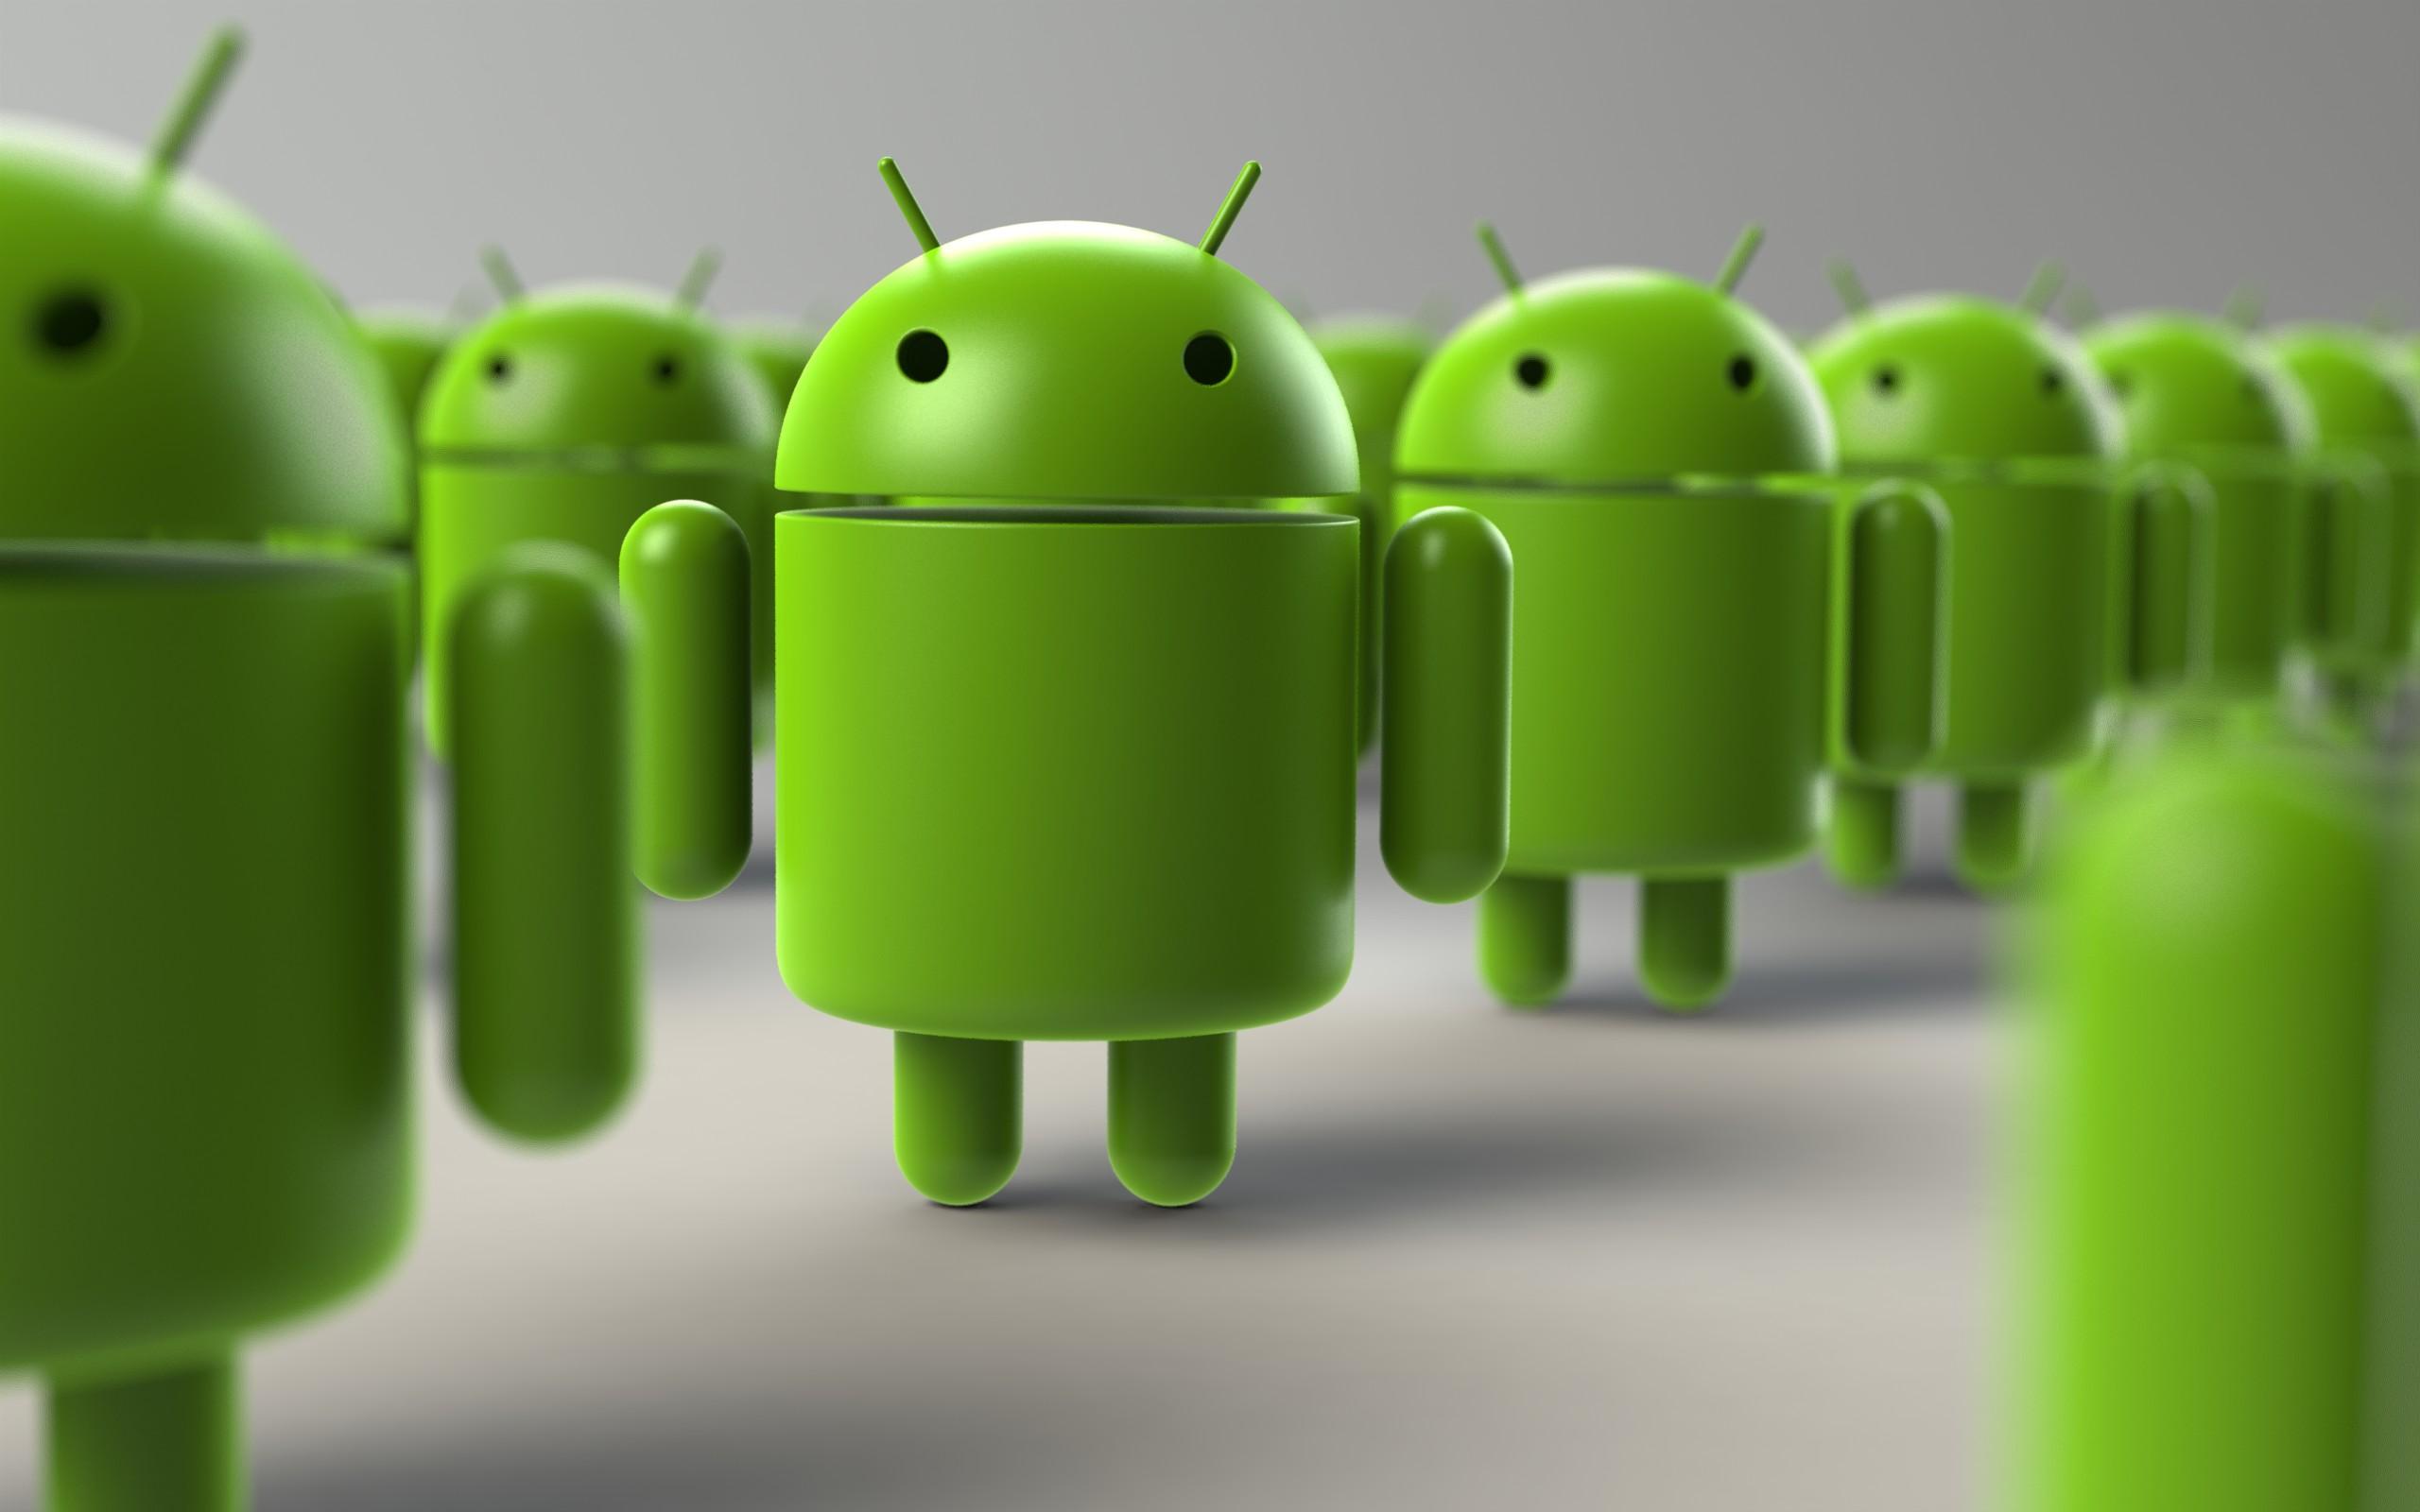 Levantamento mostra ainda quais fabricantes têm menos atualizações nos smartphones android